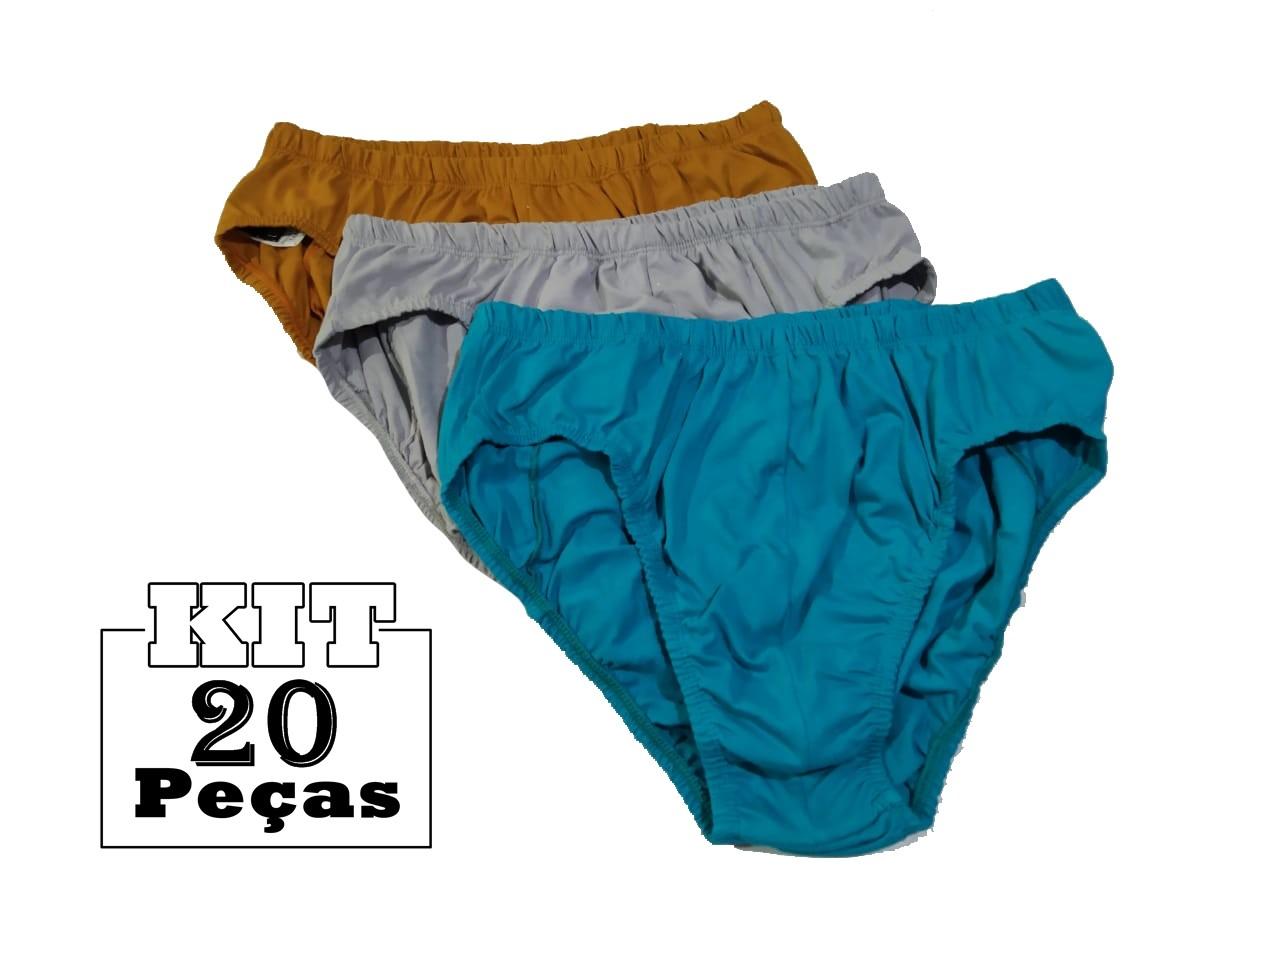 Kit 20 Cuecas Tradicionais Slip Adulto 100 % Algodão P ao GG  - HF | High Flight